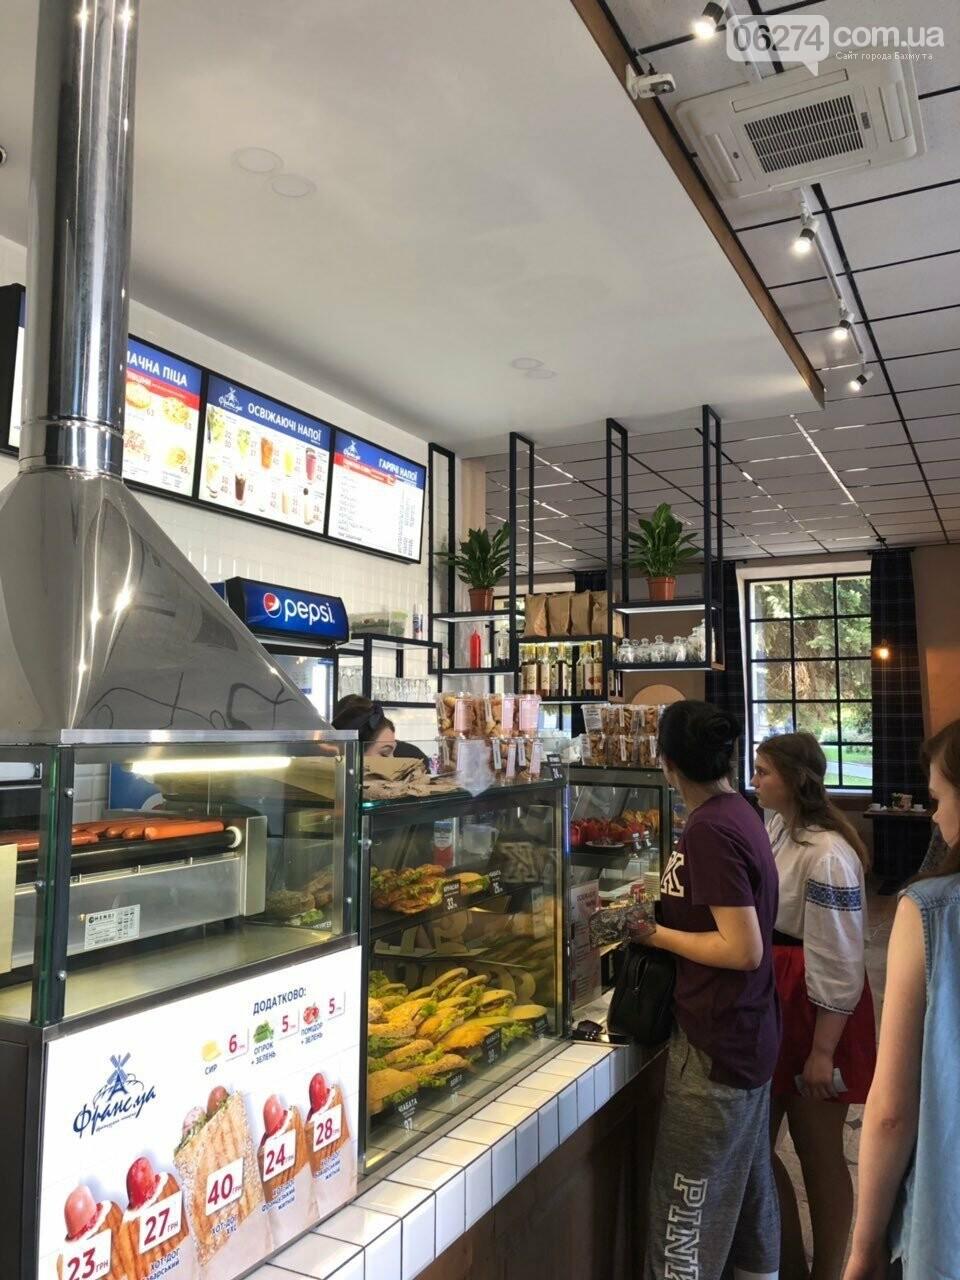 В Бахмуте открылась кофейня-пекарня «Франс.уа», фото-8